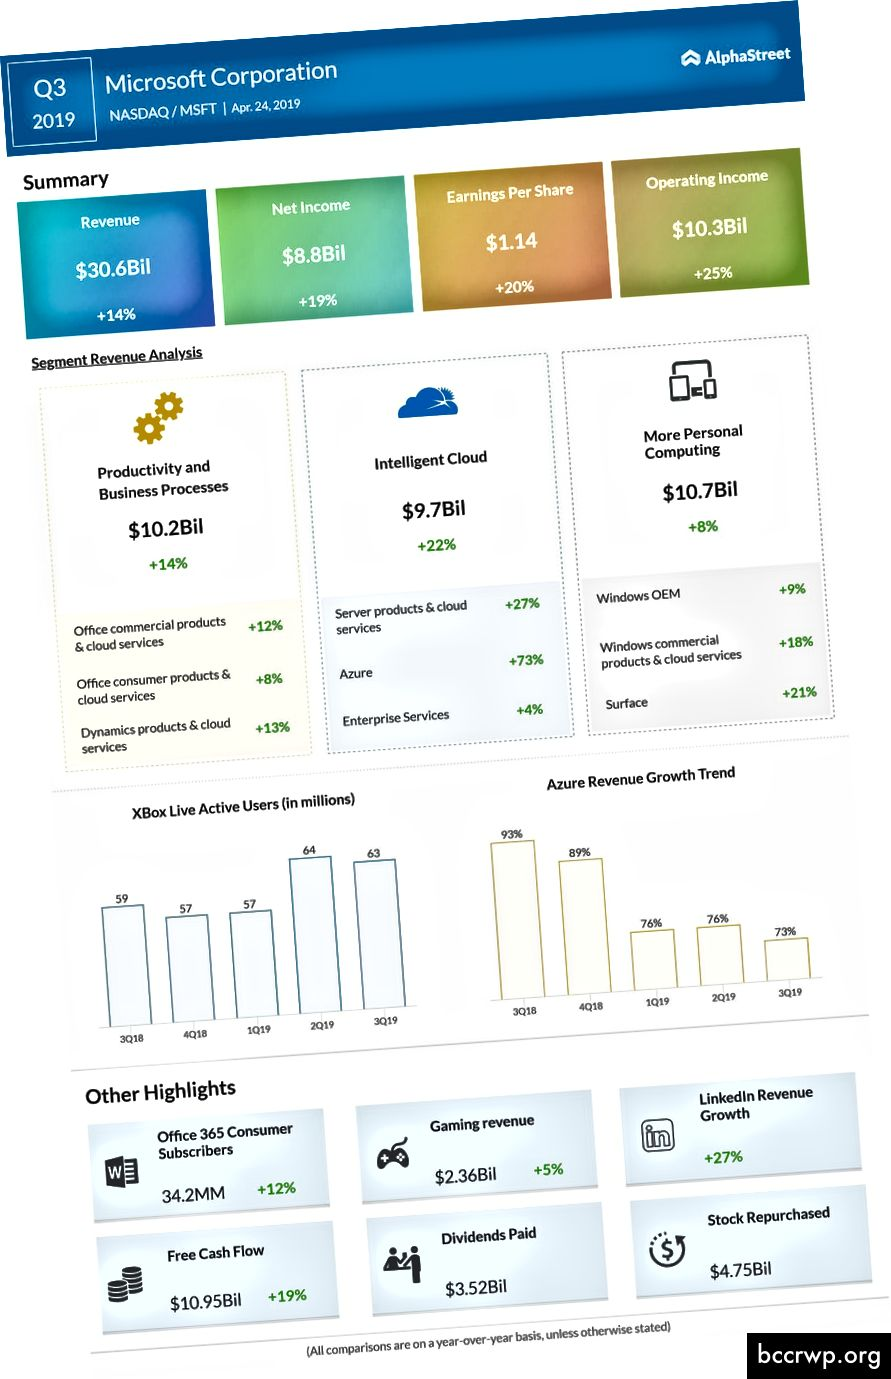 نمت مايكروسوفت صافي أرباحها بمقدار 1.4 مليار ، أما أمازون فقد نمت صافي أرباحها بمقدار 1.8 مليار